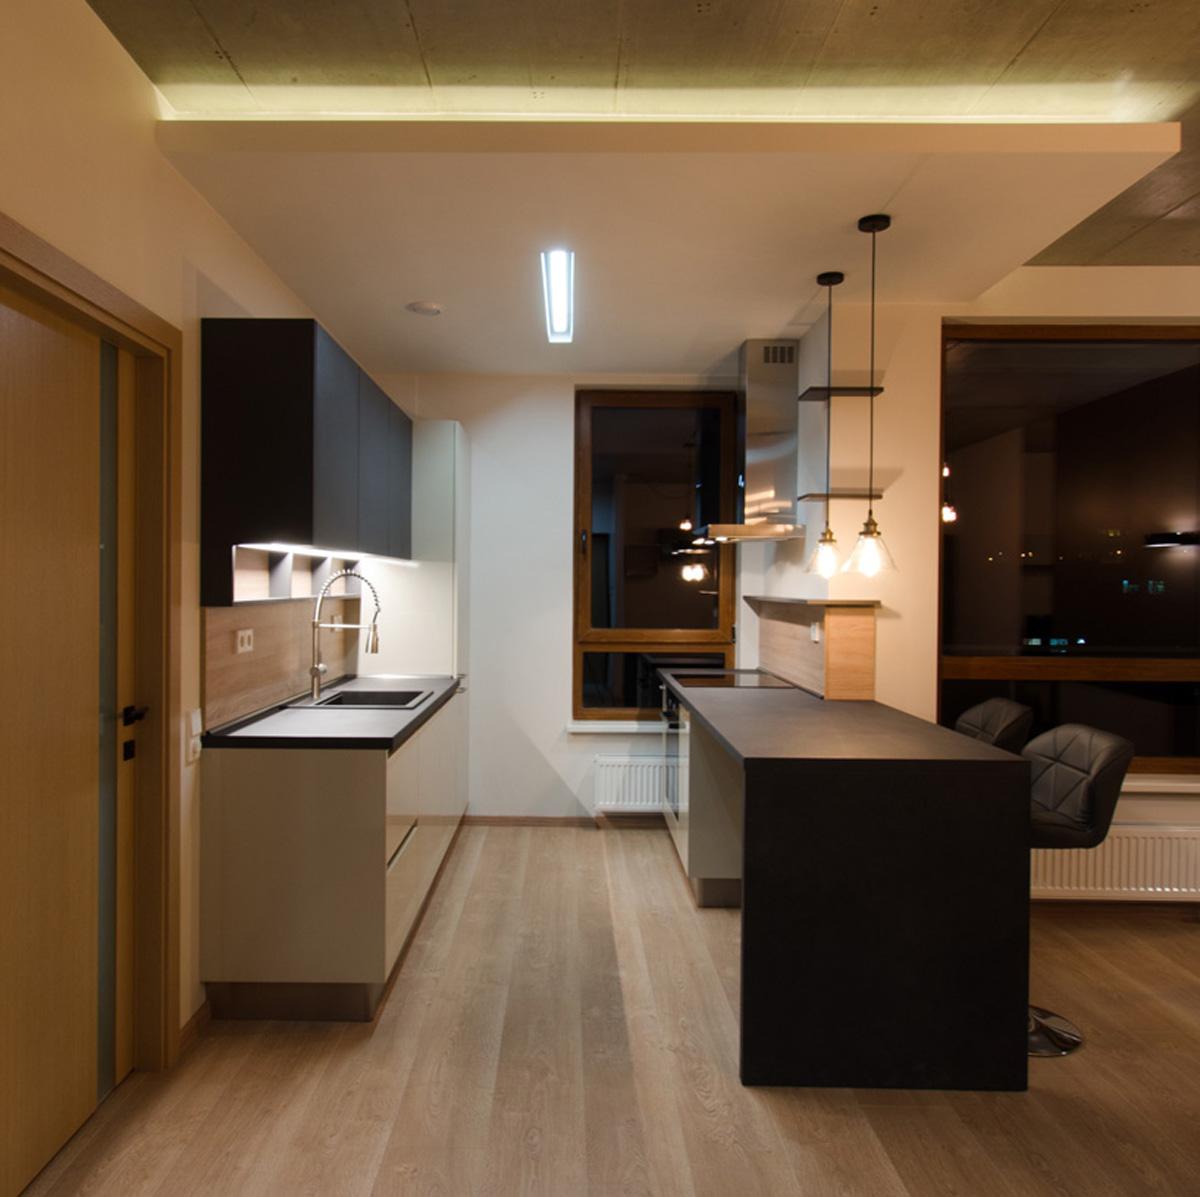 virtuves_interjeras_LED